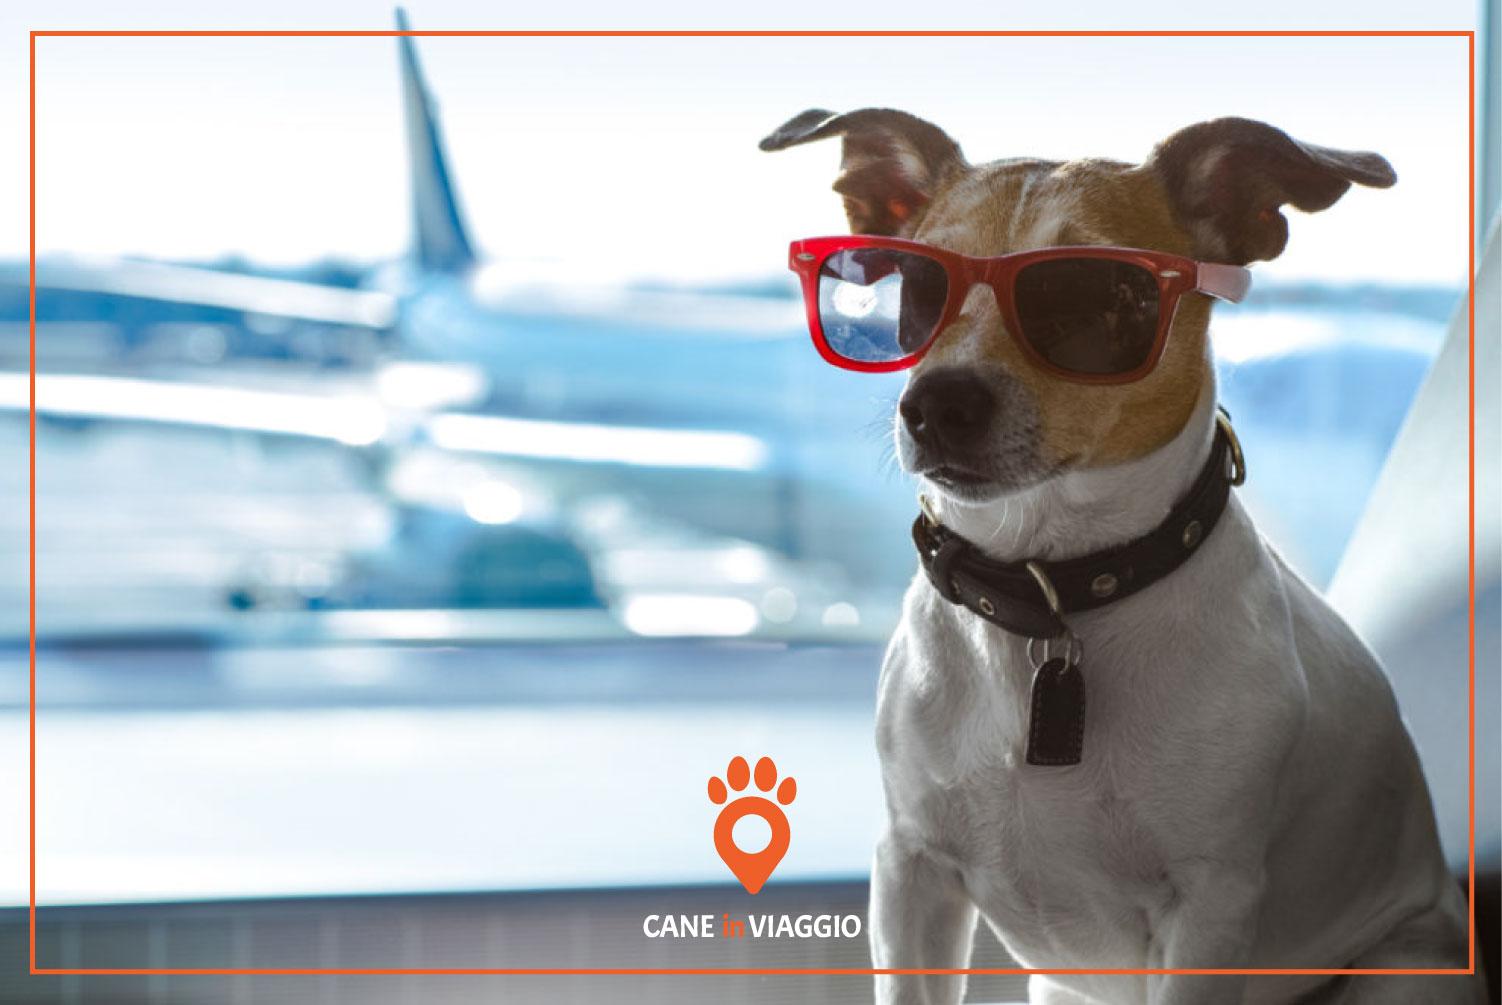 un cane in aeroporto, pronto a viaggiare per il mondo